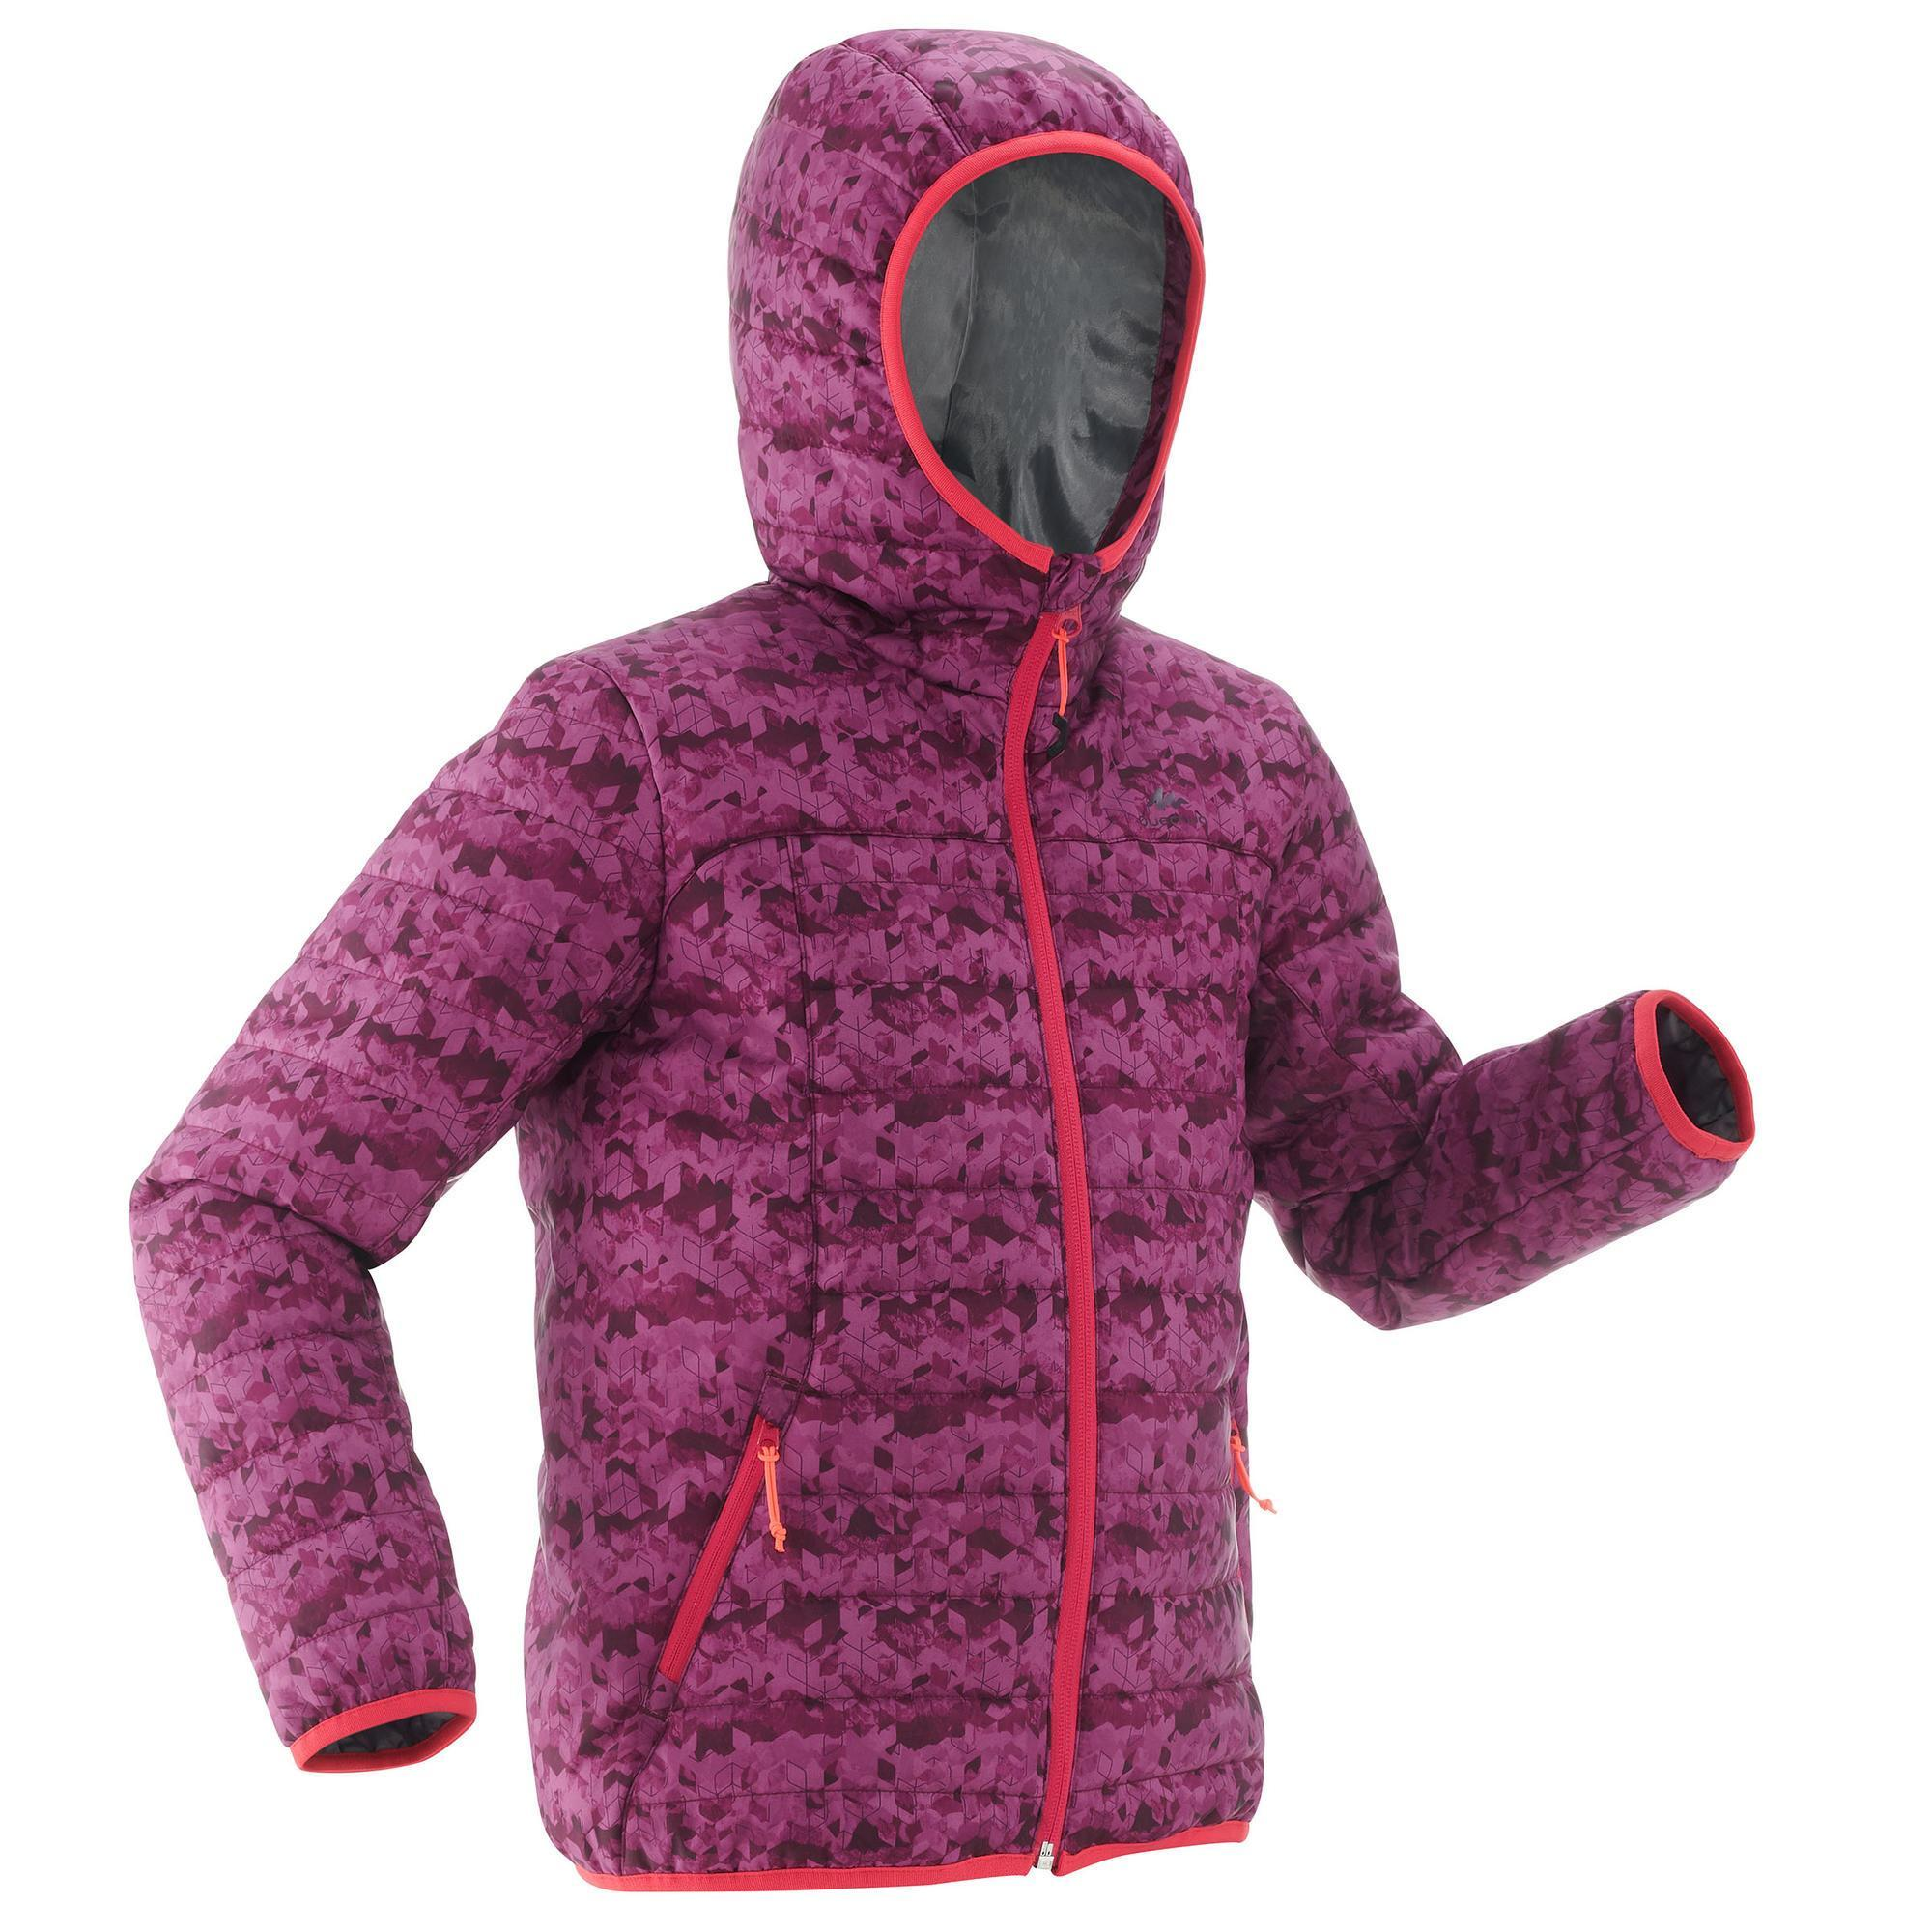 Jungen,Kinder Wattierte Jacke MH 500 Kinder violett | 03608439427459